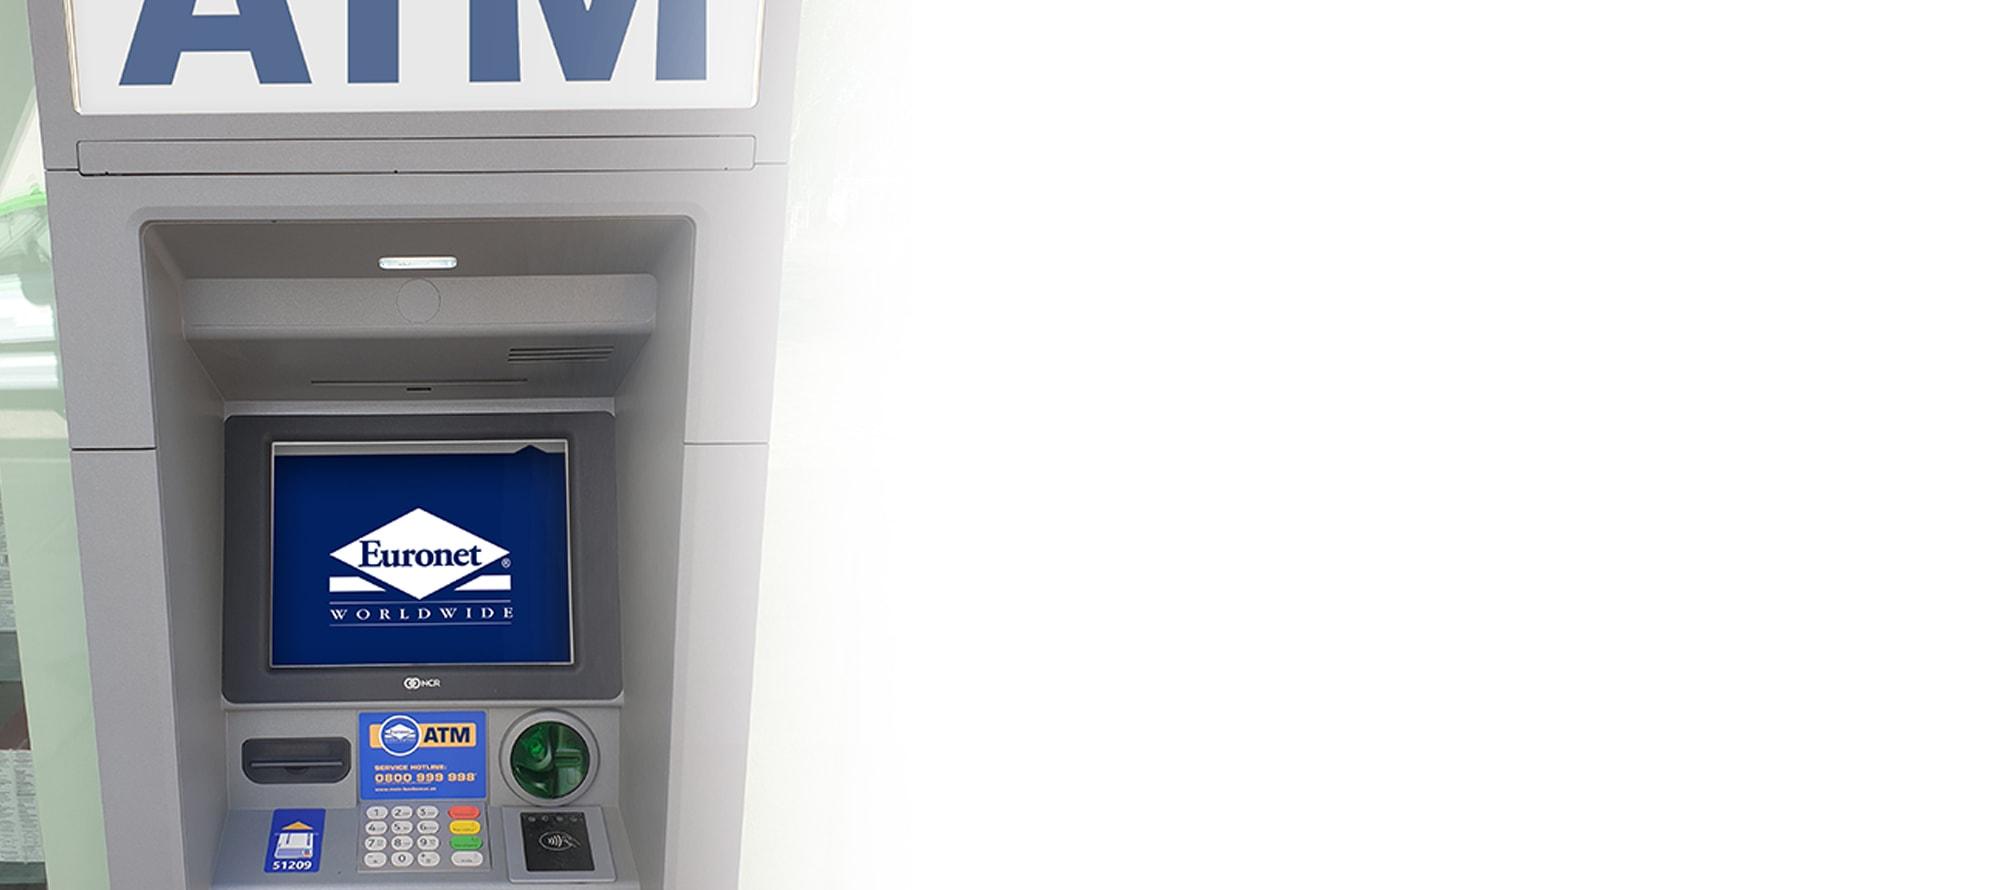 Wir verwalten und warten den Geldautomaten für Sie, und stellen somit einen hochwertigen Service für Ihre Kunden sicher.